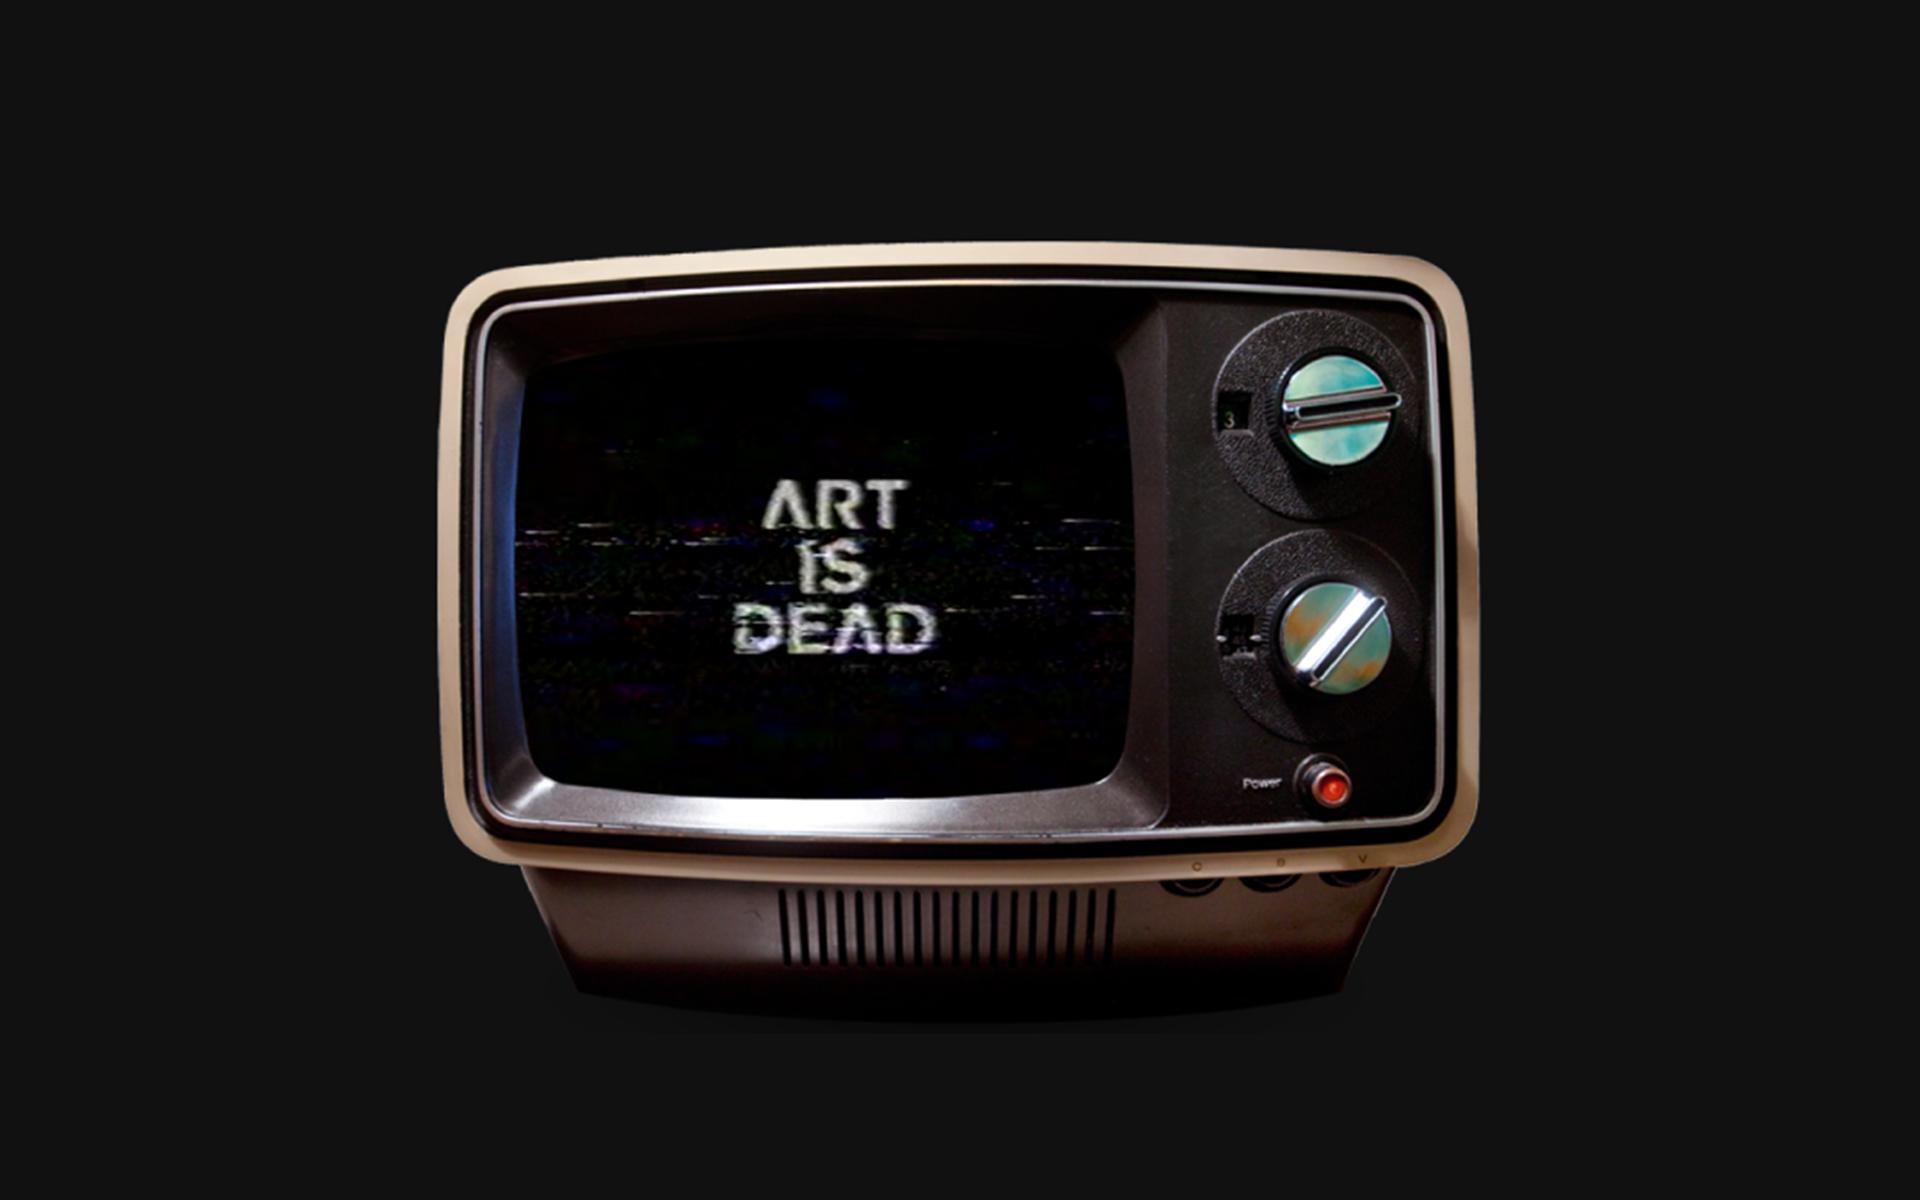 Art-is-dead-wallpaper-wp5204205